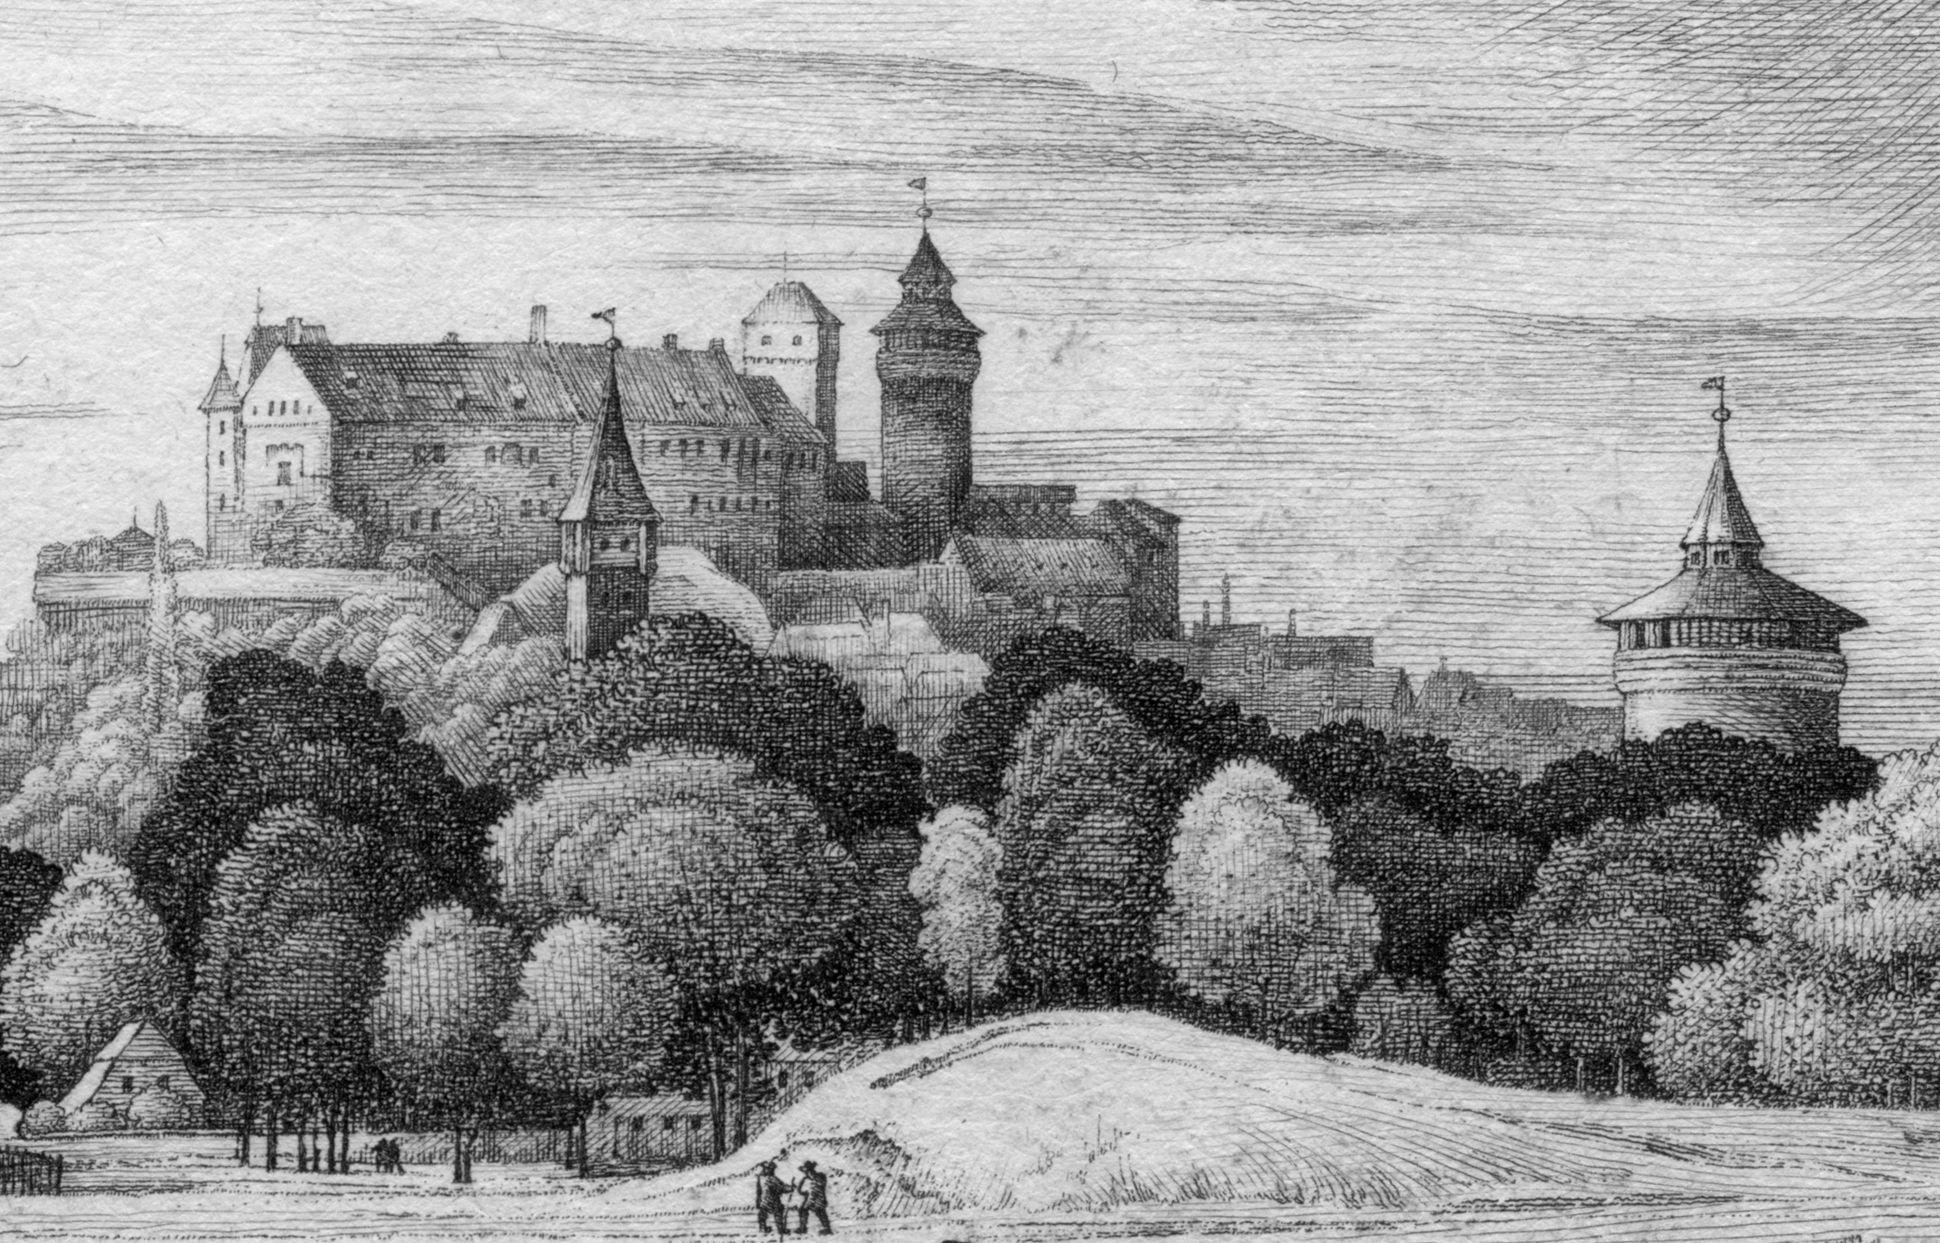 Die Burg von Süd-West Burgansicht von Süd-West mit Tiergärtnertorturm und Neutorturm